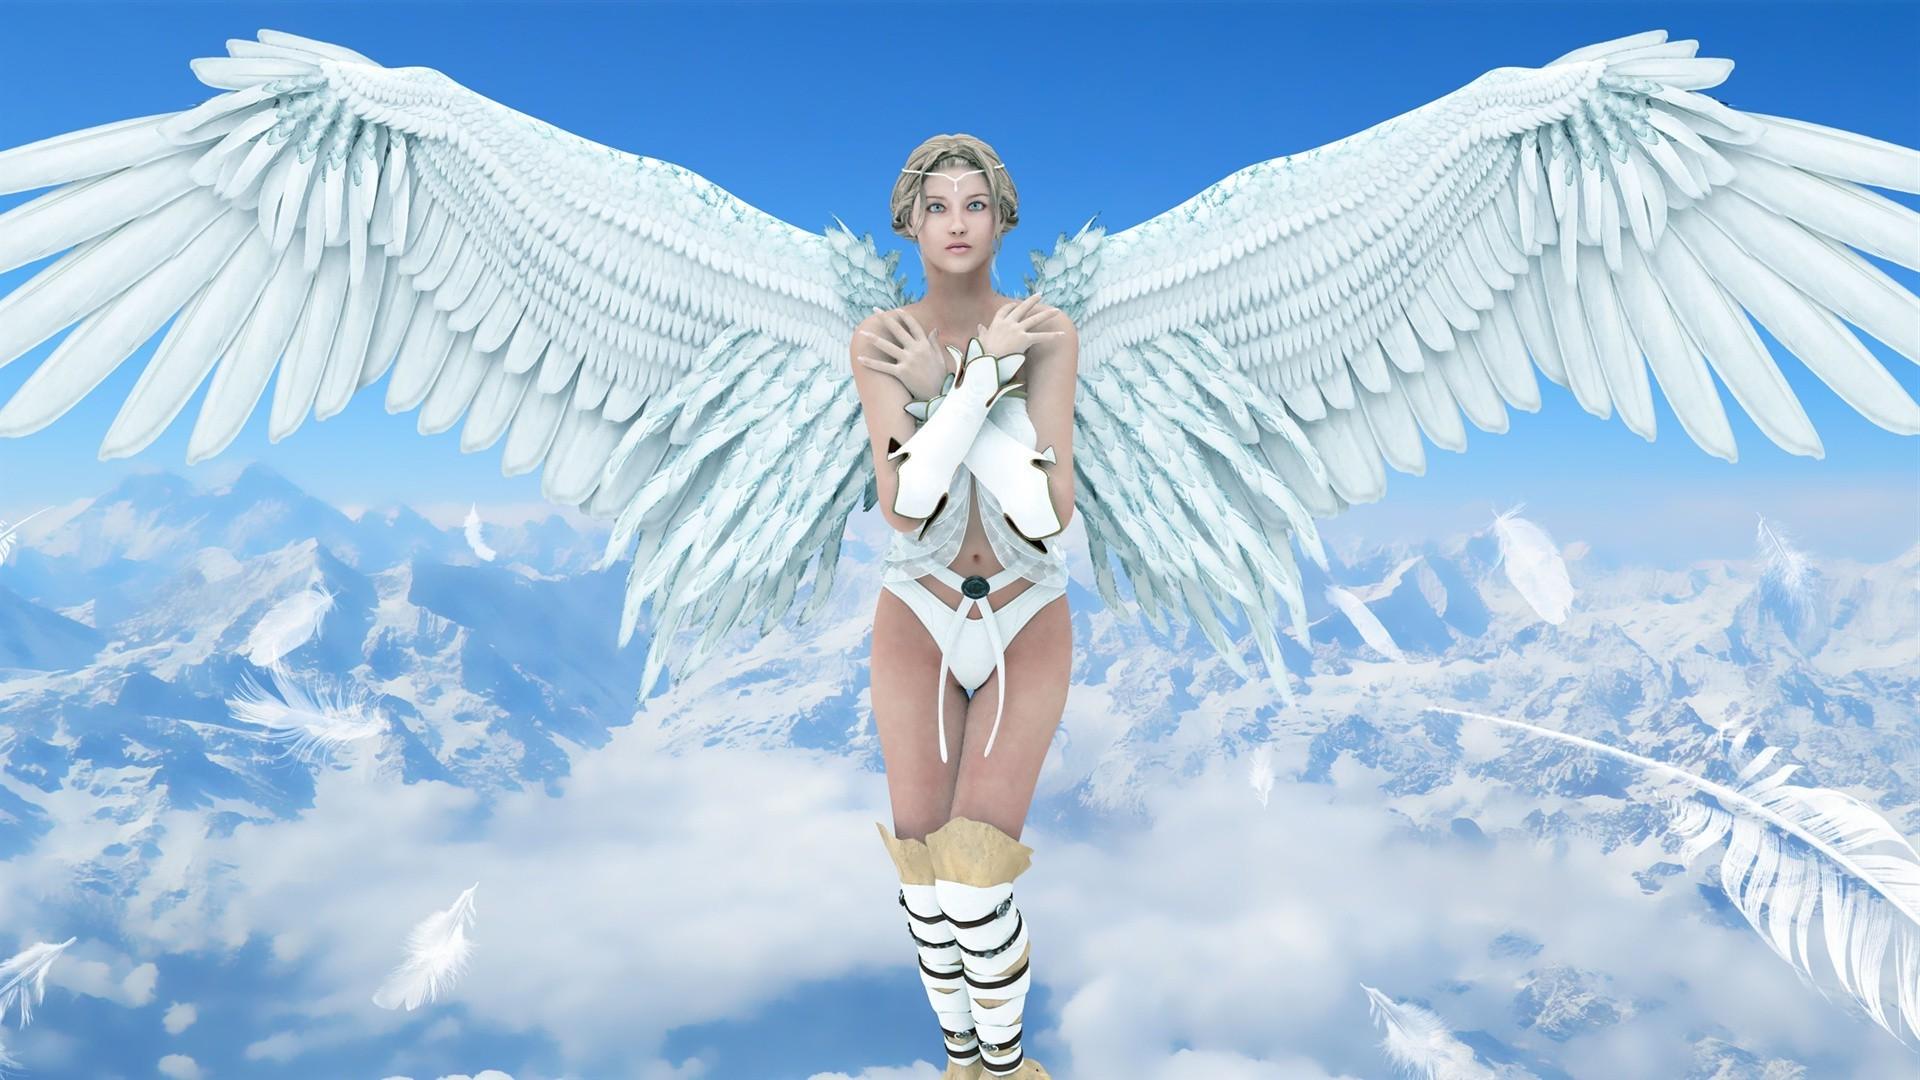 Ангел хранитель обои на рабочий стол